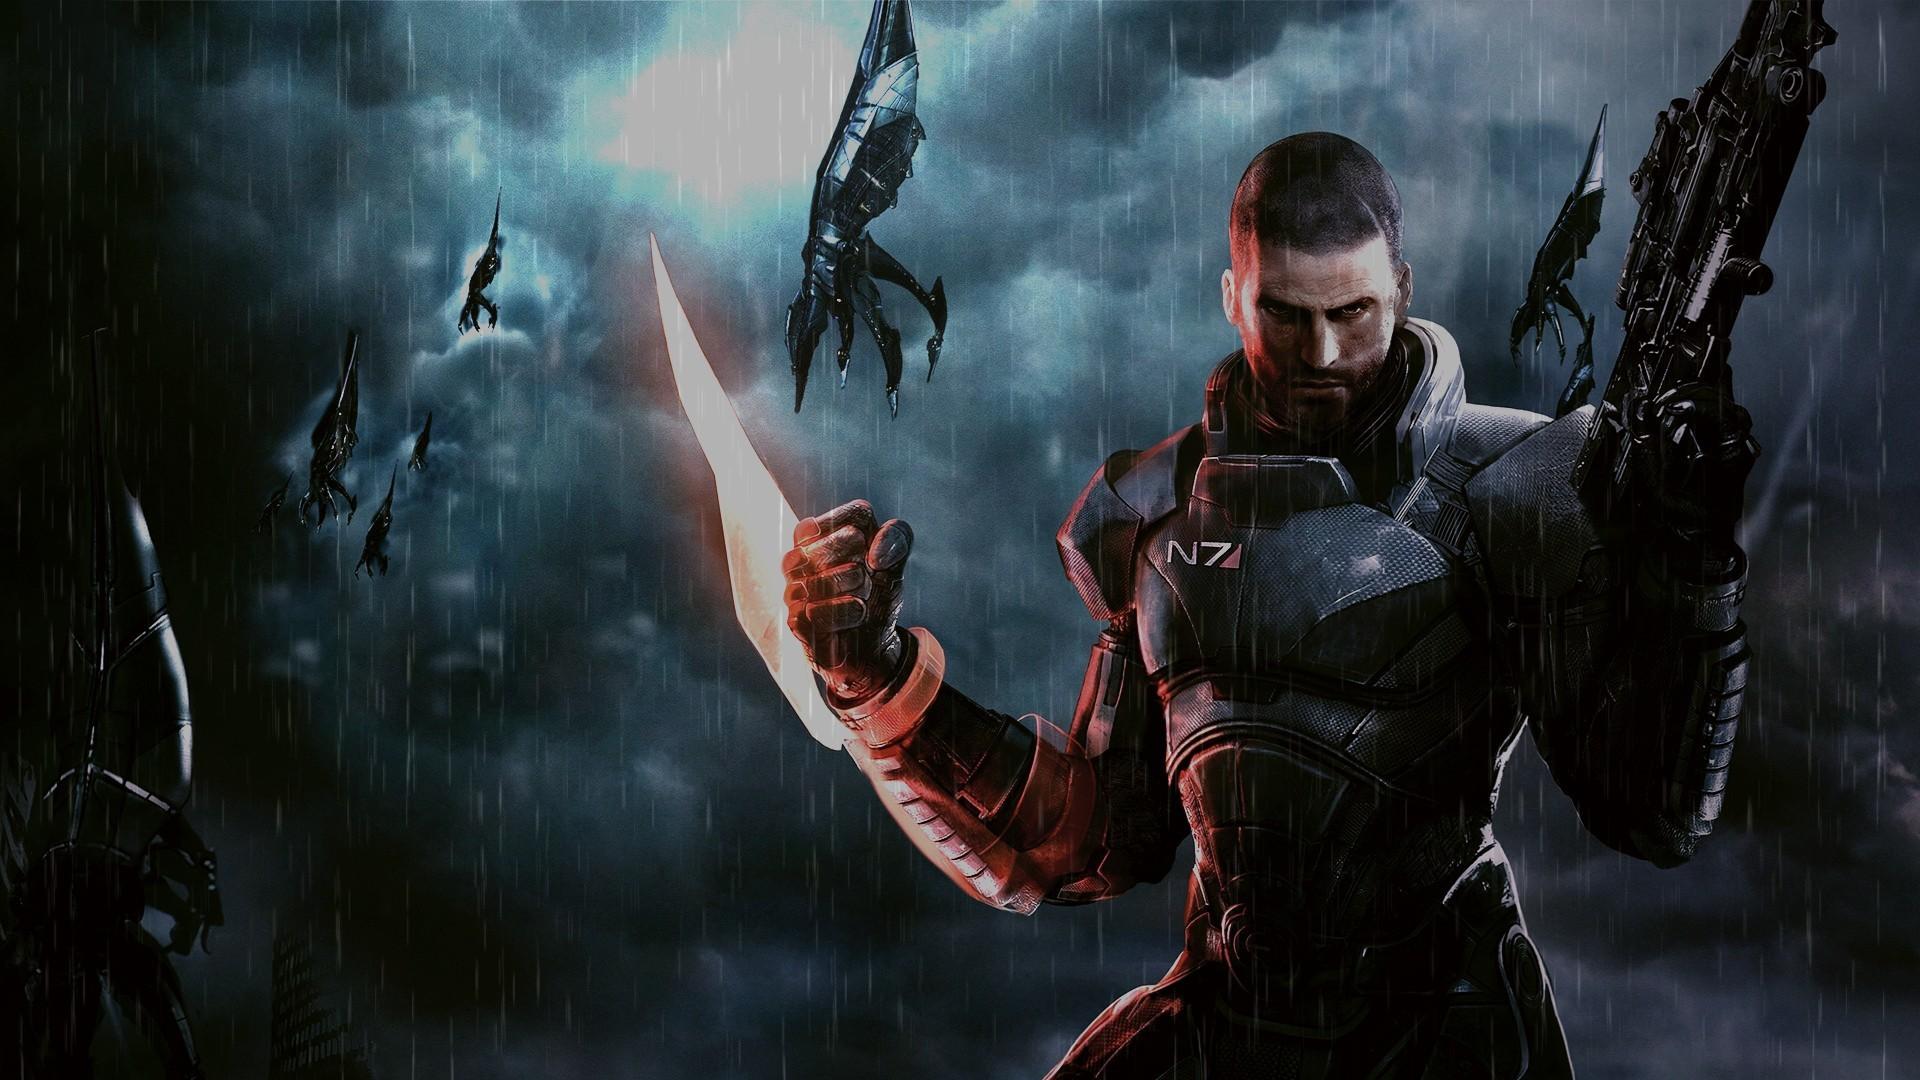 Rain Mass Effect Mass Effect 3 reapers wallpaper | | 198332 |  WallpaperUP